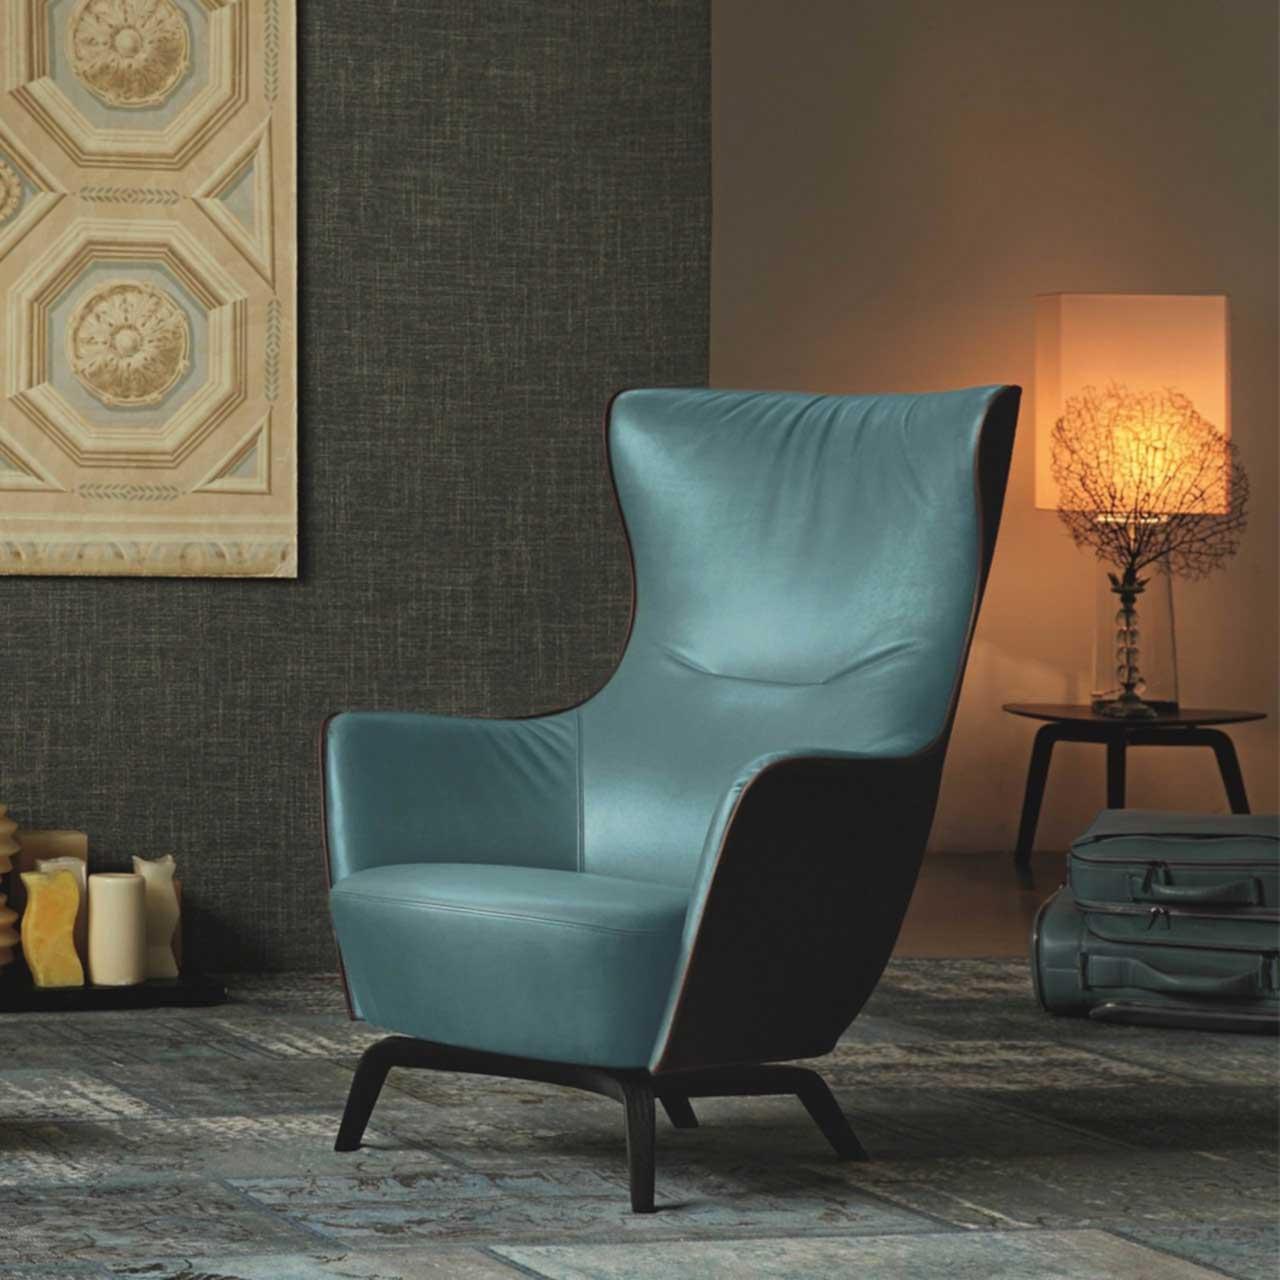 皮革双色布艺真皮休闲椅 欧式美式高端椅子 电视电影广告道具出